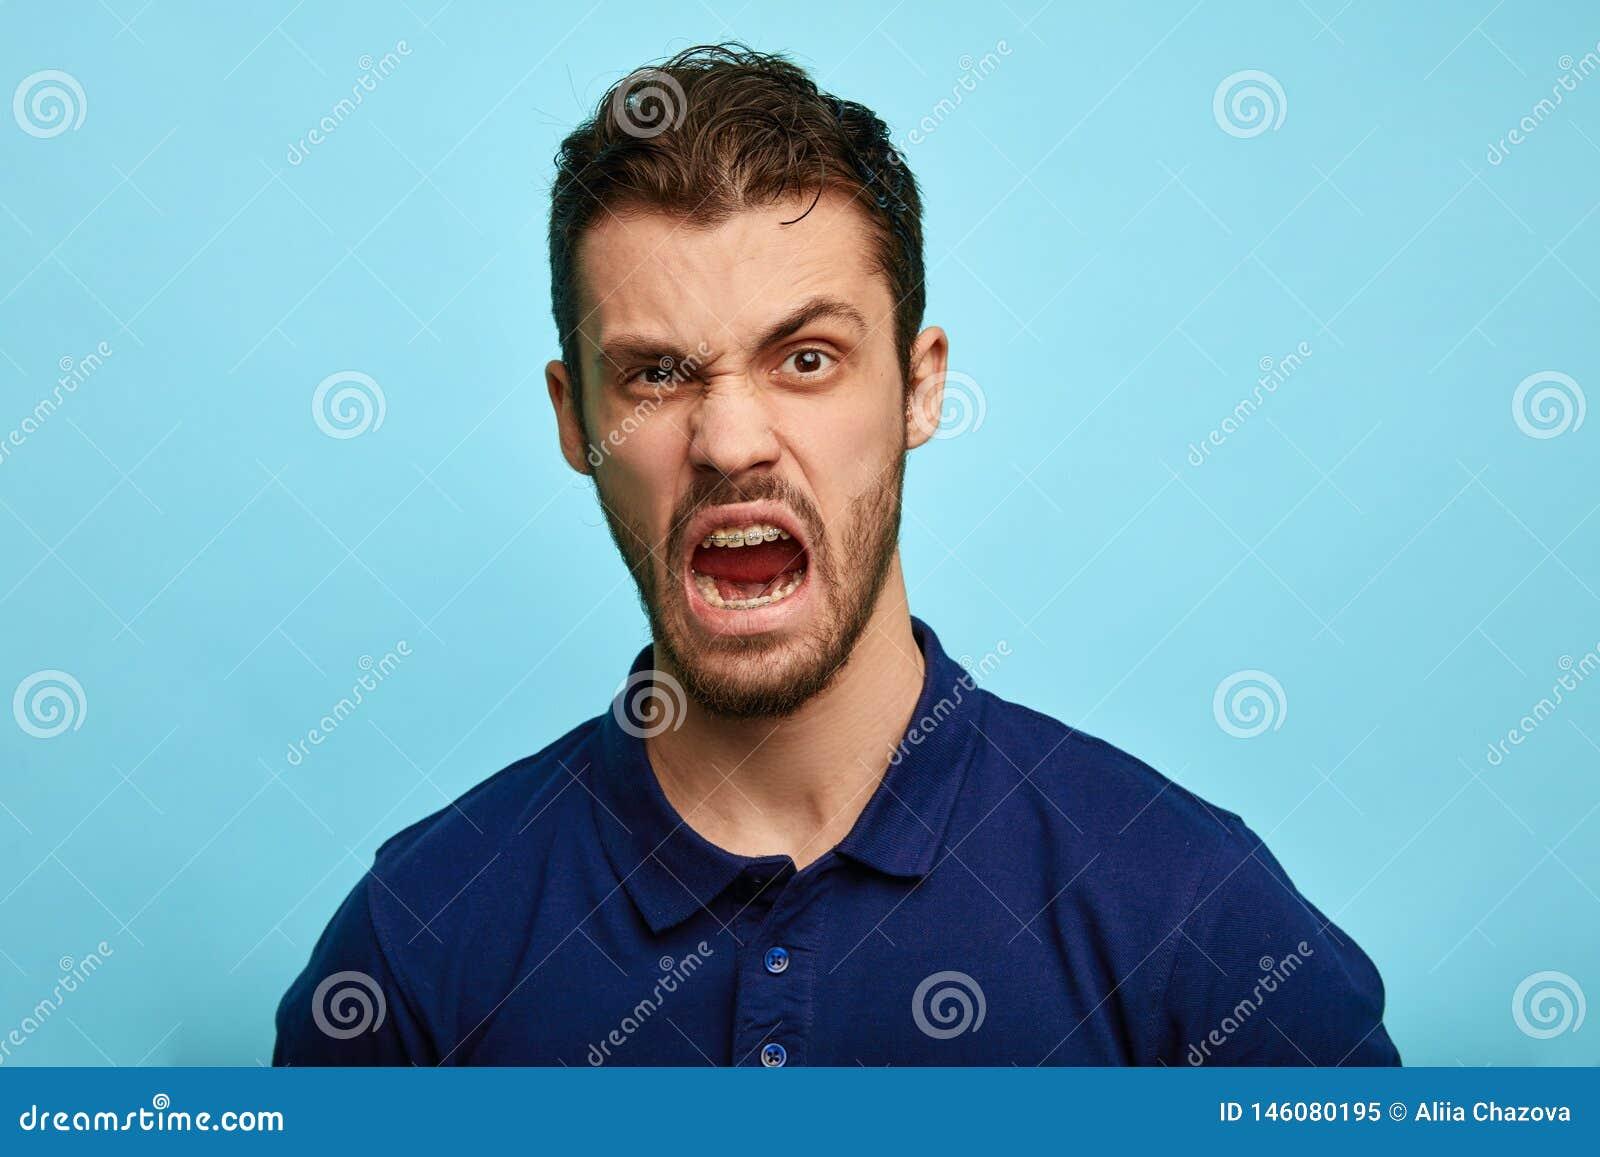 Ματαιωμένο, εξοργισμένο άτομο με τον γκρινιάρη μορφασμό στο πρόσωπό του,